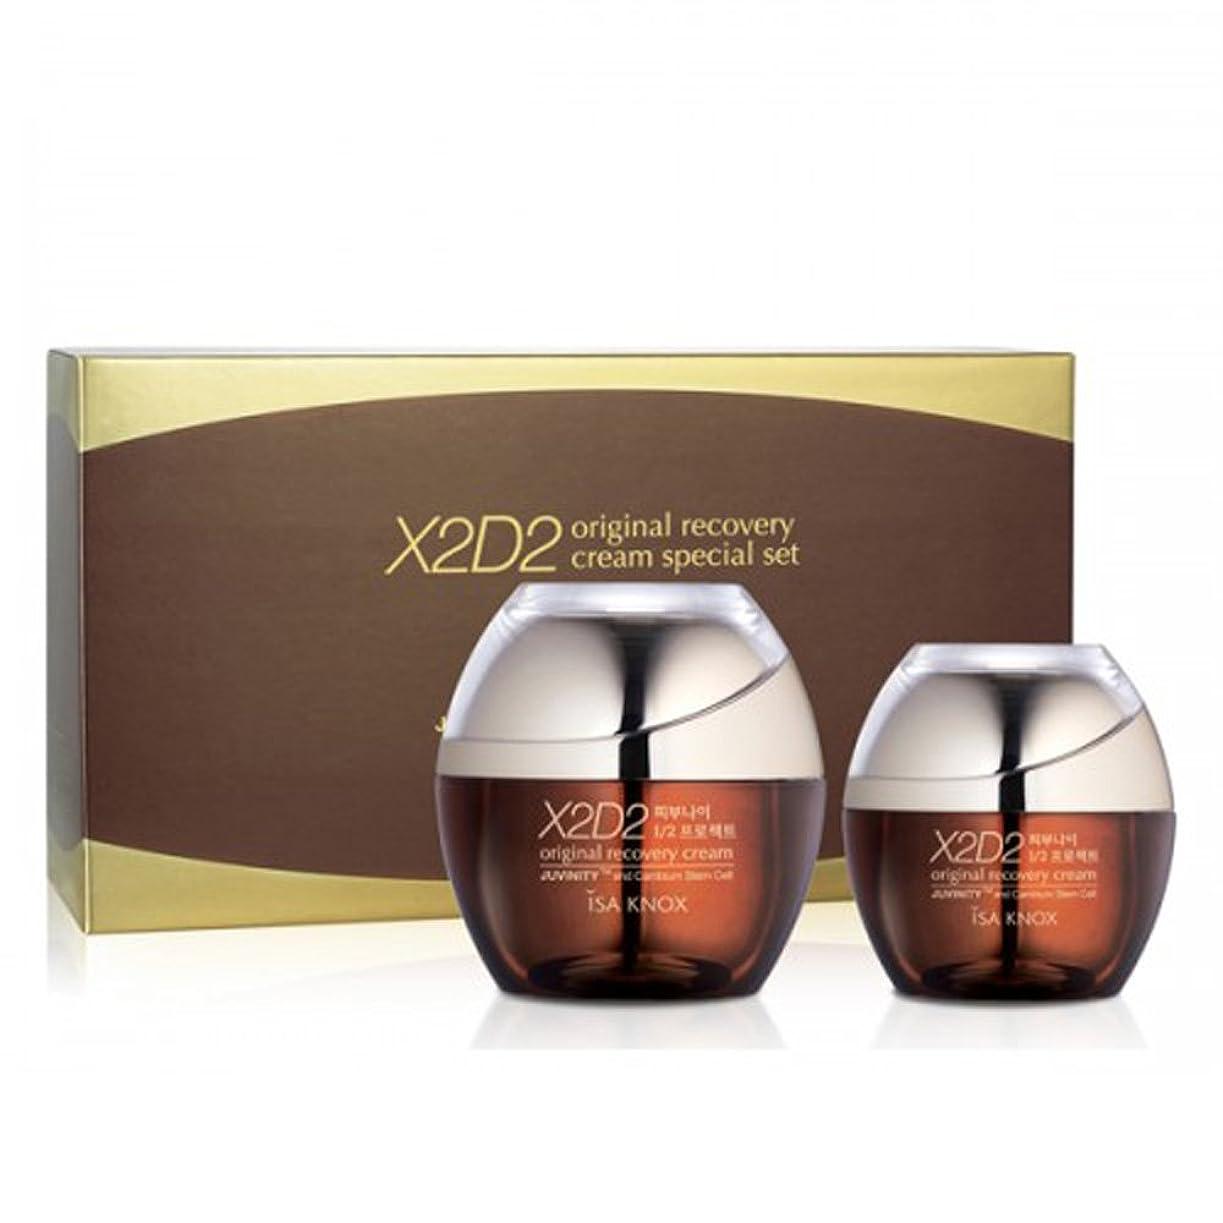 悲劇的なオーストラリア人共役限定品 イザノックス(ISA KNOX) X2D2オリジナルリカバリークリーム 50ml+31ml(2個セット)